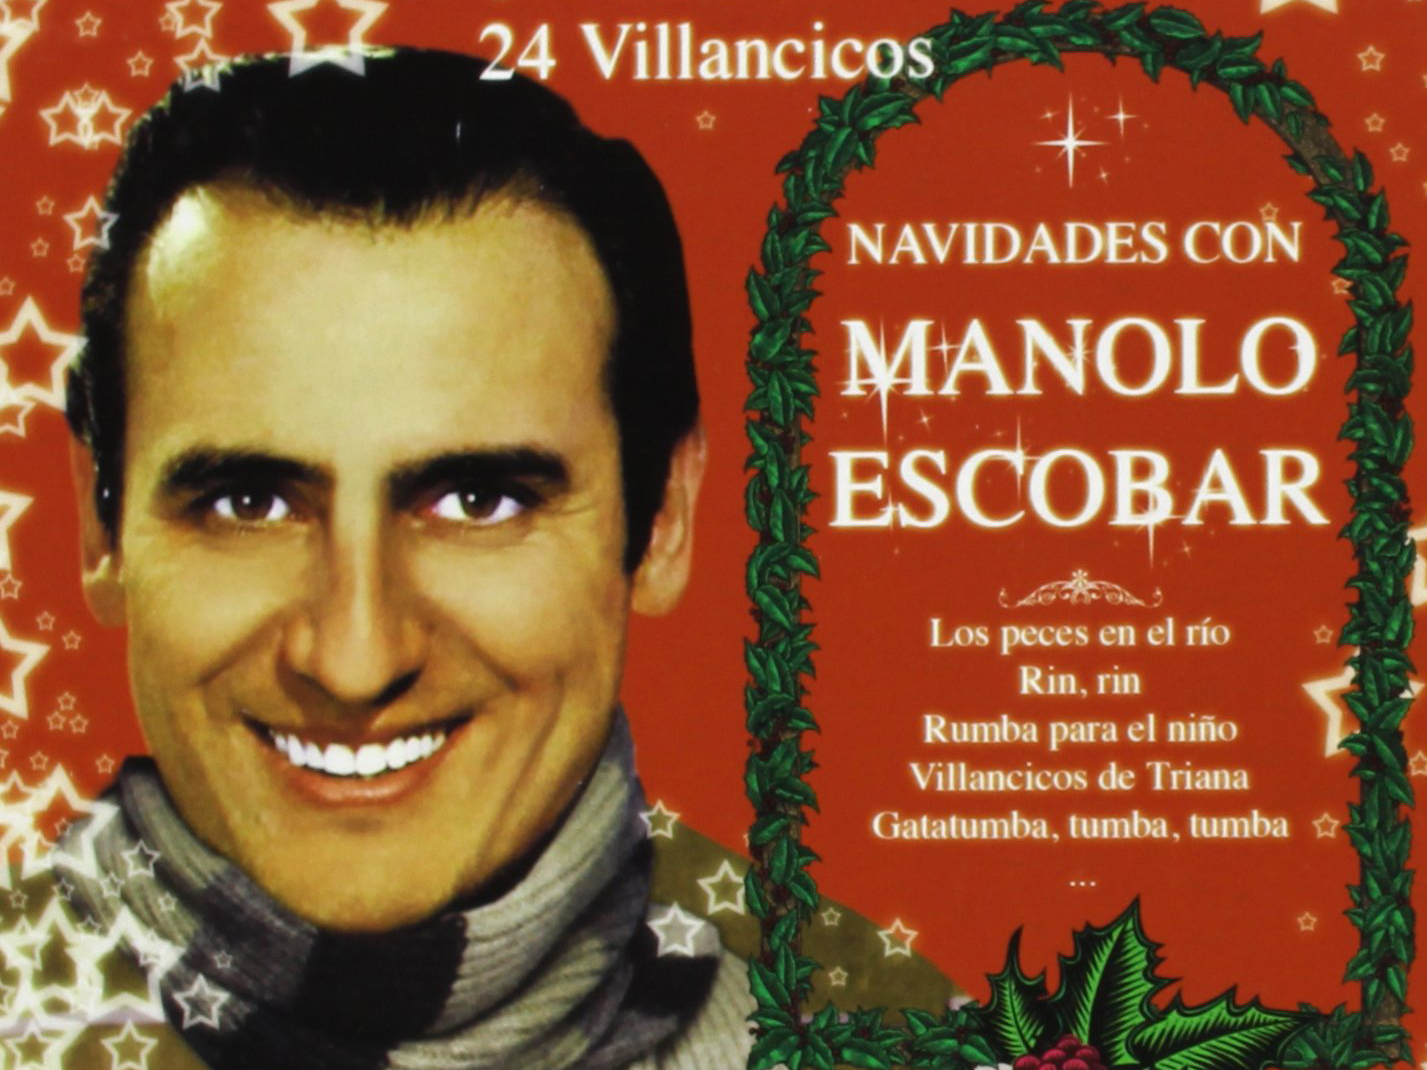 En la amplia y exitosa discografía de Manolo Escobar figuran varios discos enfocados a estas fechas. Foto: Amazon